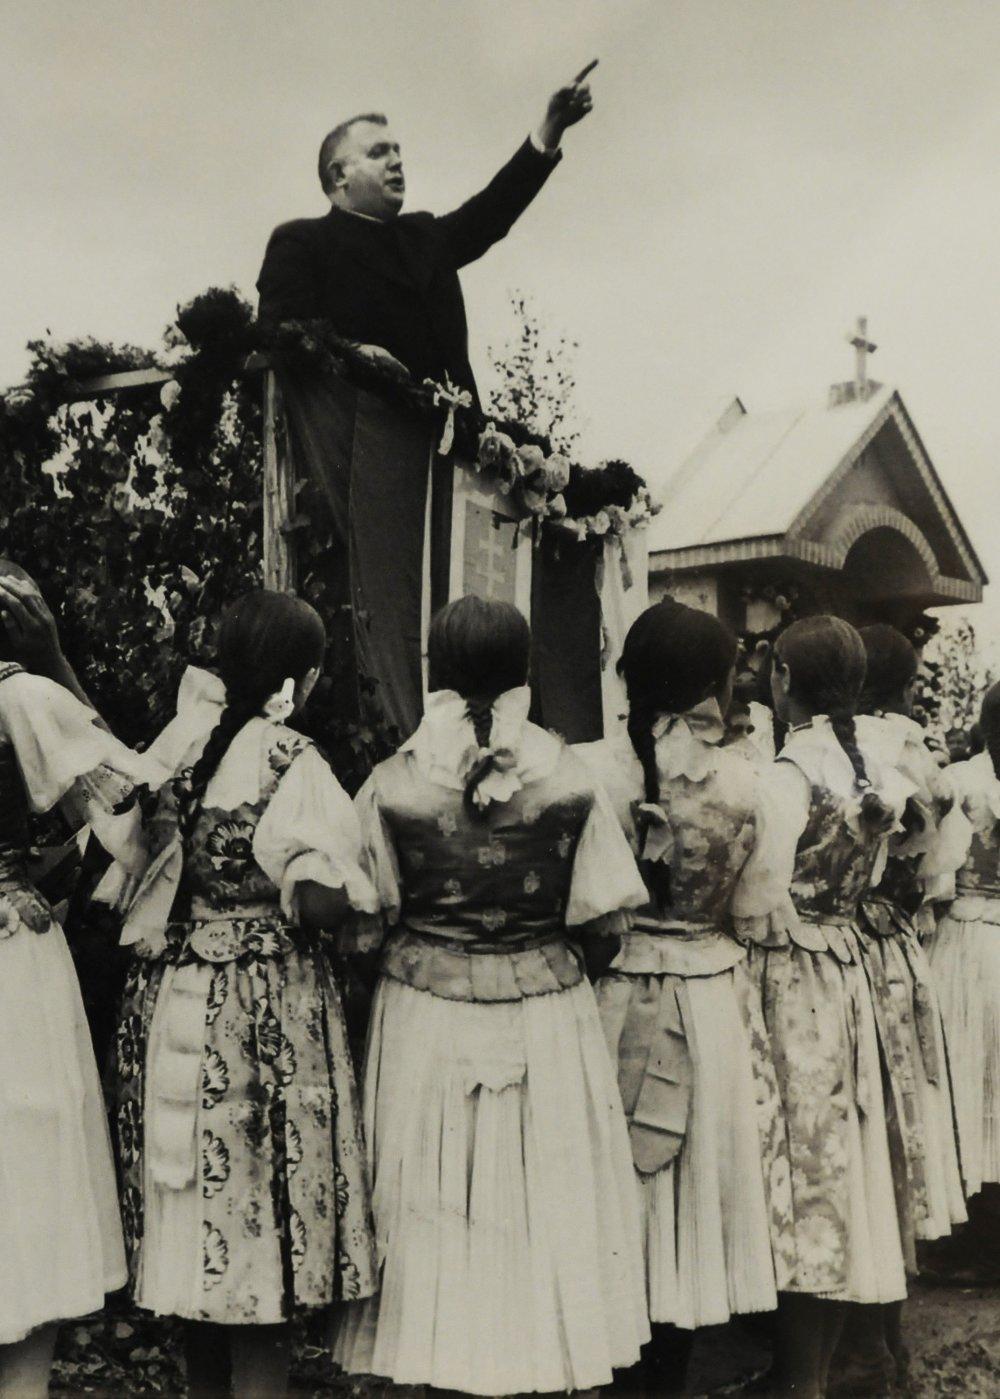 V tieni Tretej ríše, je názov výstavy fotografií, ktorú otvorili v stredu 30. marca vo FotoGalérii NOVA na Hlavnej 48 v Košiciach. Adjustované zábery sú oficiálne fotografie Slovenského štátu(1939-1945). Výstavu pripravila historièka umenia Bohunka Koklesová z bratislavskej VŠVU. Podujatie je súèasou Týždòa slovenských knižníc a Festivalu dokumentánych filmov DOCsk 2011. Fotografie sú z naskenovaných negatívov Slovenskej tlaèovej kancelárie (STK) z rokov 1939 – 45, ktoré sú v Slovenskom národnom archíve. Výstava mala premiéru v Bratislave poèas Mesiaca fotografie v novembri 2010 vo výstavnej sieni Univerzitnej knižnice. Ïalej táto výstava v máji poputuje do Varšavy v Po¾sku. Na snímke prezident Slovenského štátu Jozef Tiso poèas cirkevno - národnej manifestácie v Skalistom , r. 1941, autor neznámy. REPROFOTO TASR – Milan Kapusta *** Local Caption *** výstava fotografie V tieni Tretej ríše snímky unikátne zábery